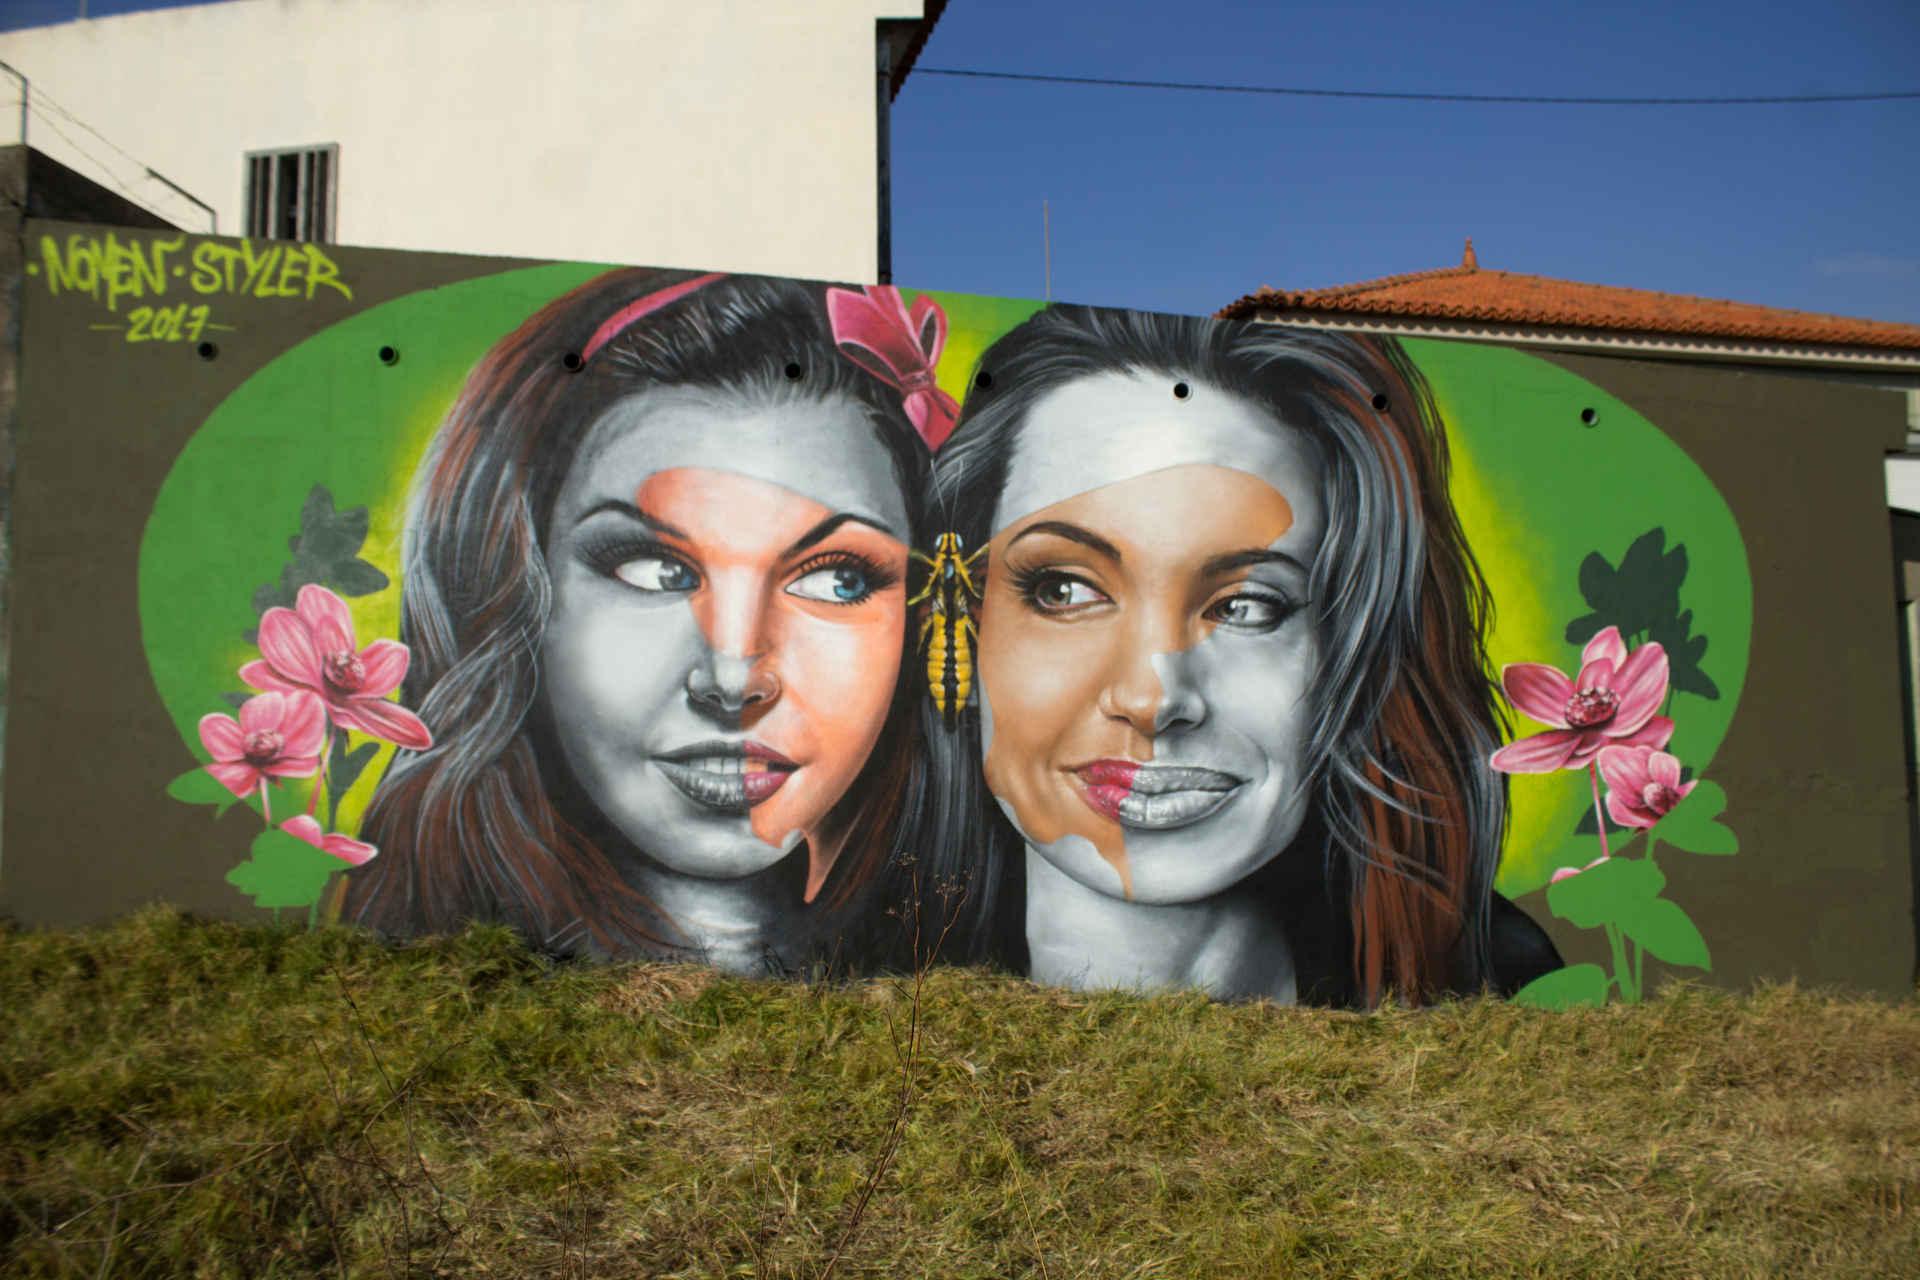 Pintado pelos artistas Nomen and Styler,